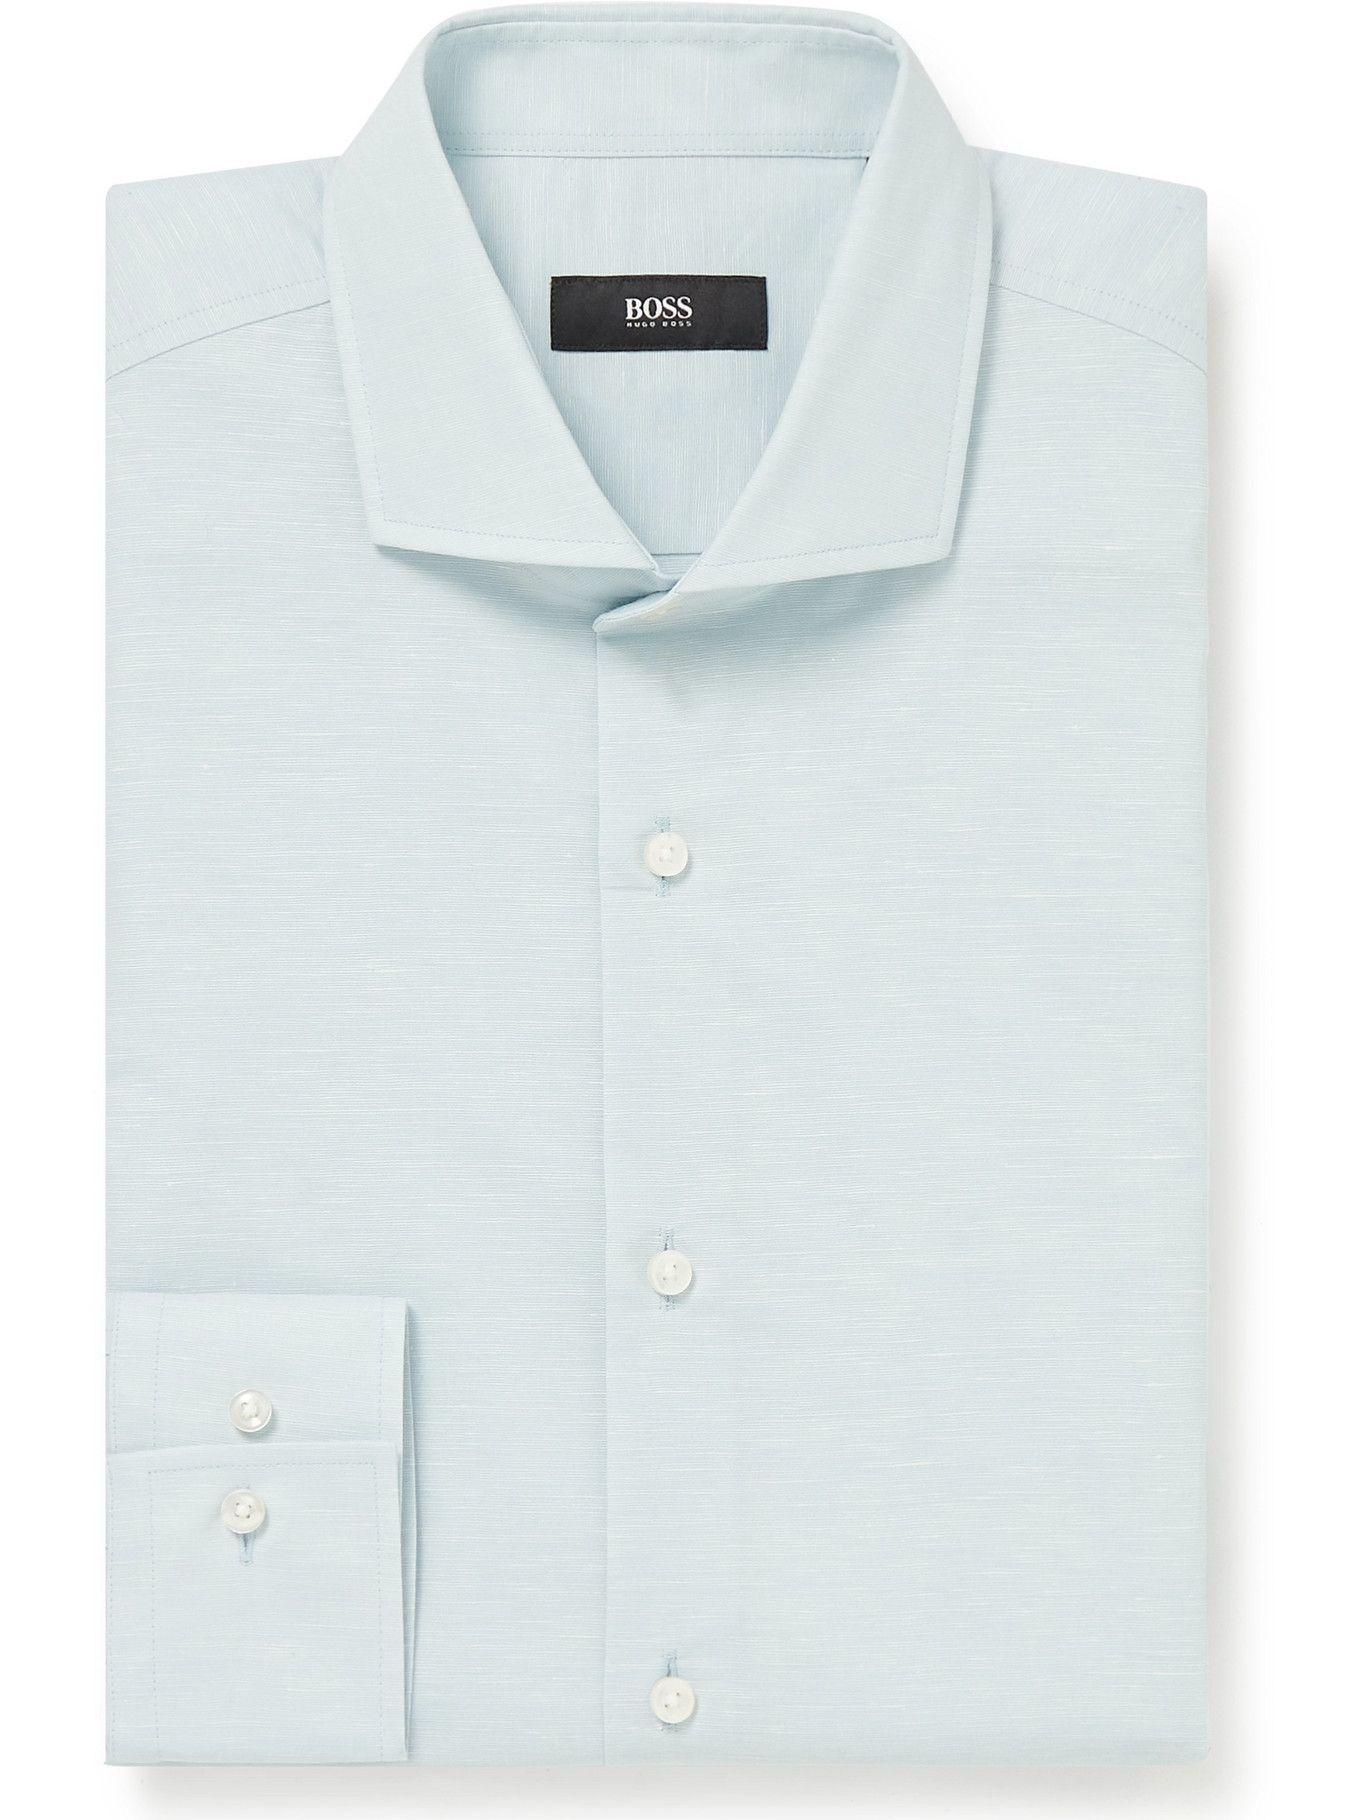 HUGO BOSS - Jason Slim-Fit Cutaway-Collar Cotton and Hemp-Blend Shirt - Blue